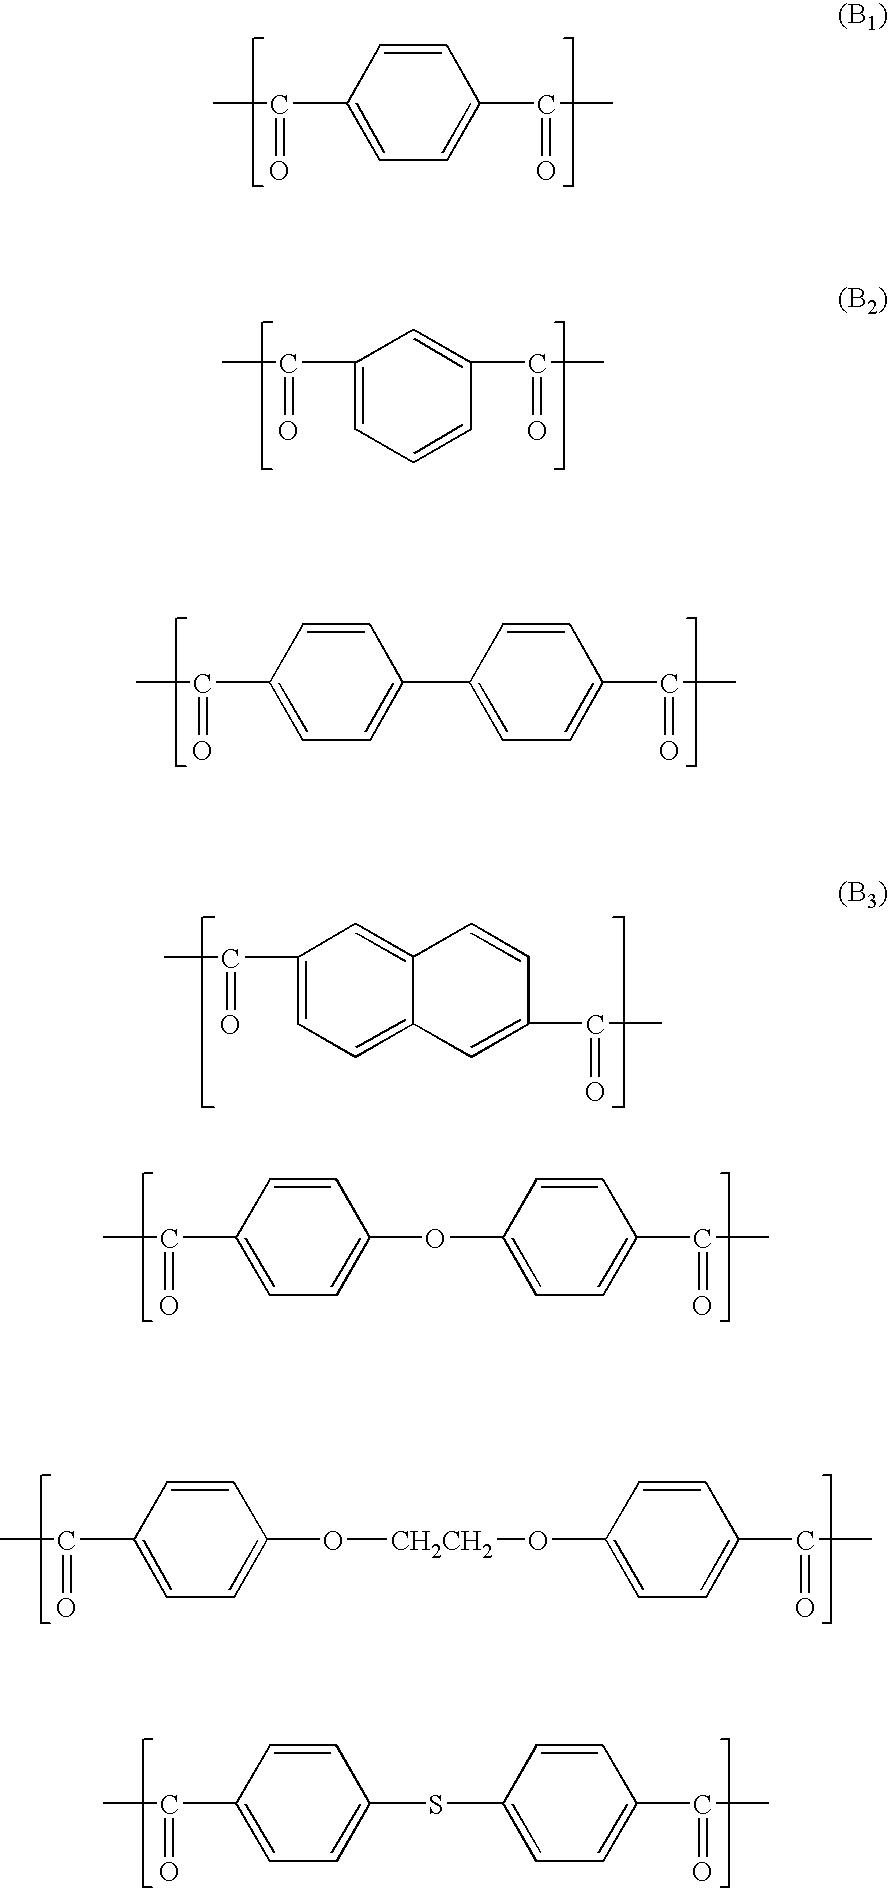 Figure US20070225420A1-20070927-C00003